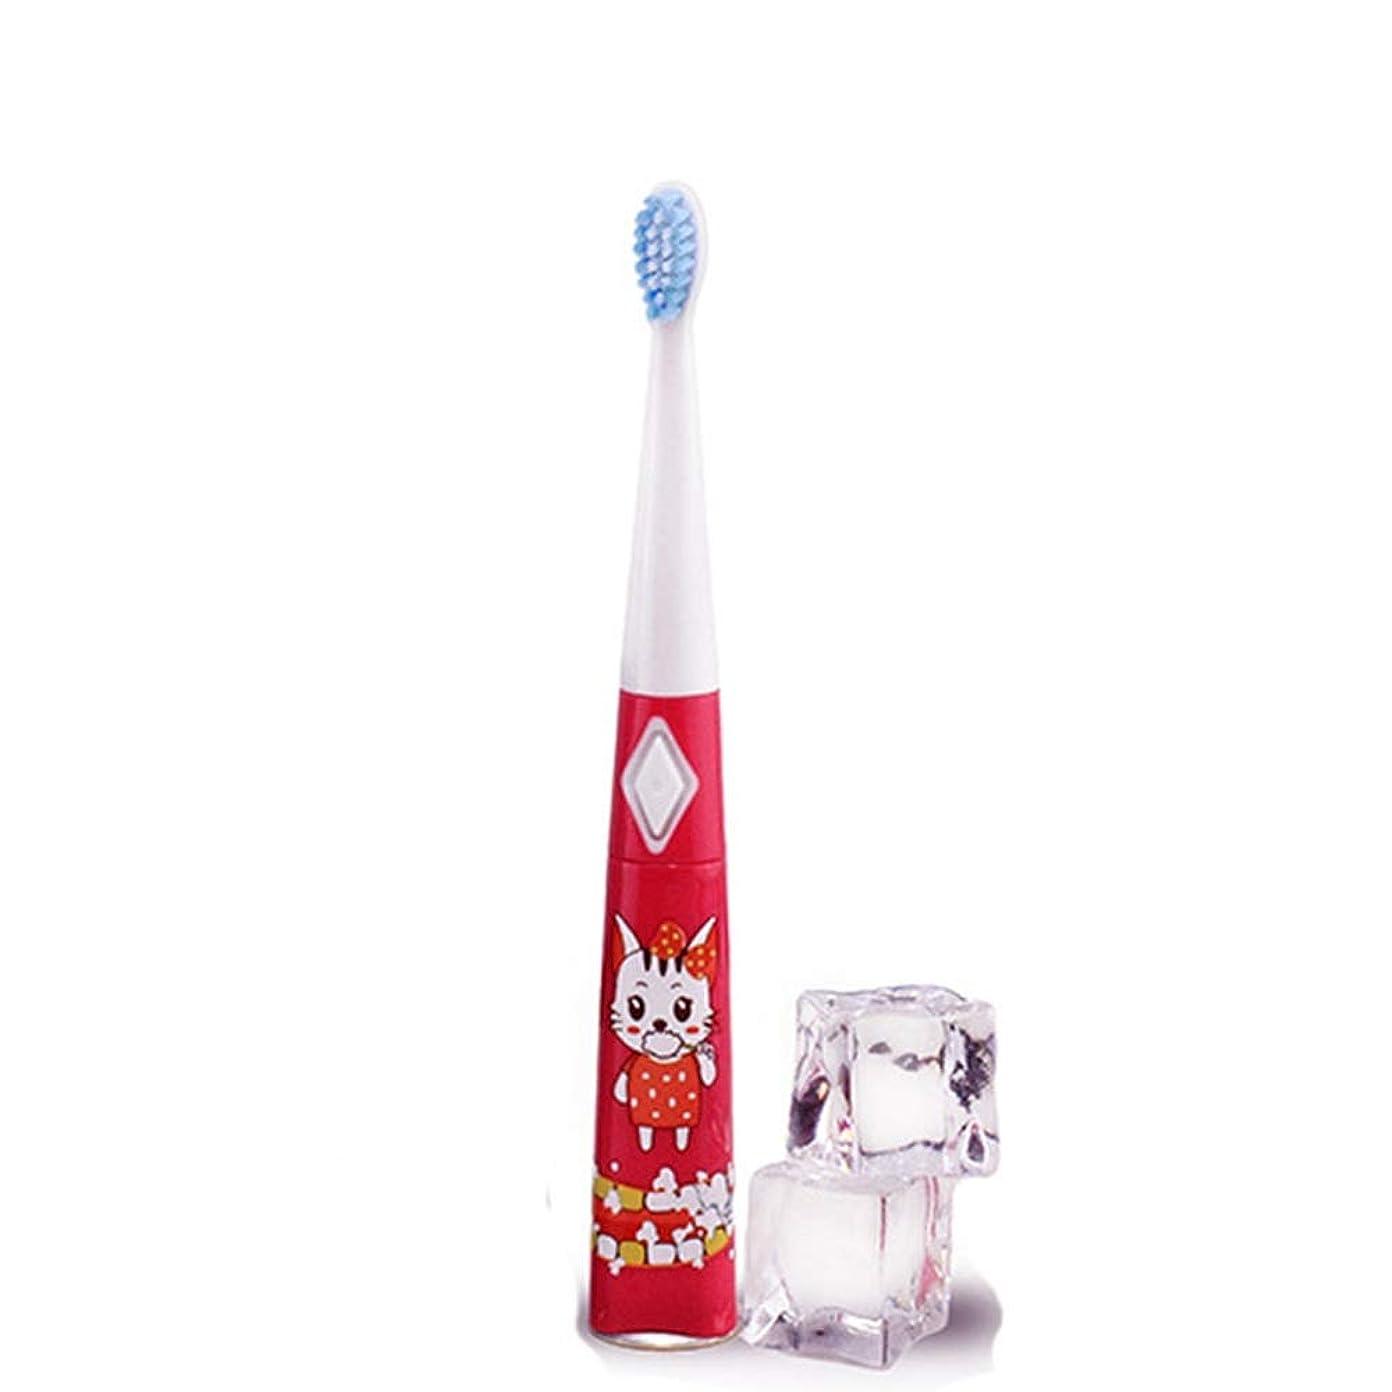 重大整理する策定する電動歯ブラシ 子供用電動歯ブラシ防水ソフトヘア歯ブラシ単4電池1本(電池なし) 大人と子供向け (色 : 赤, サイズ : Free size)